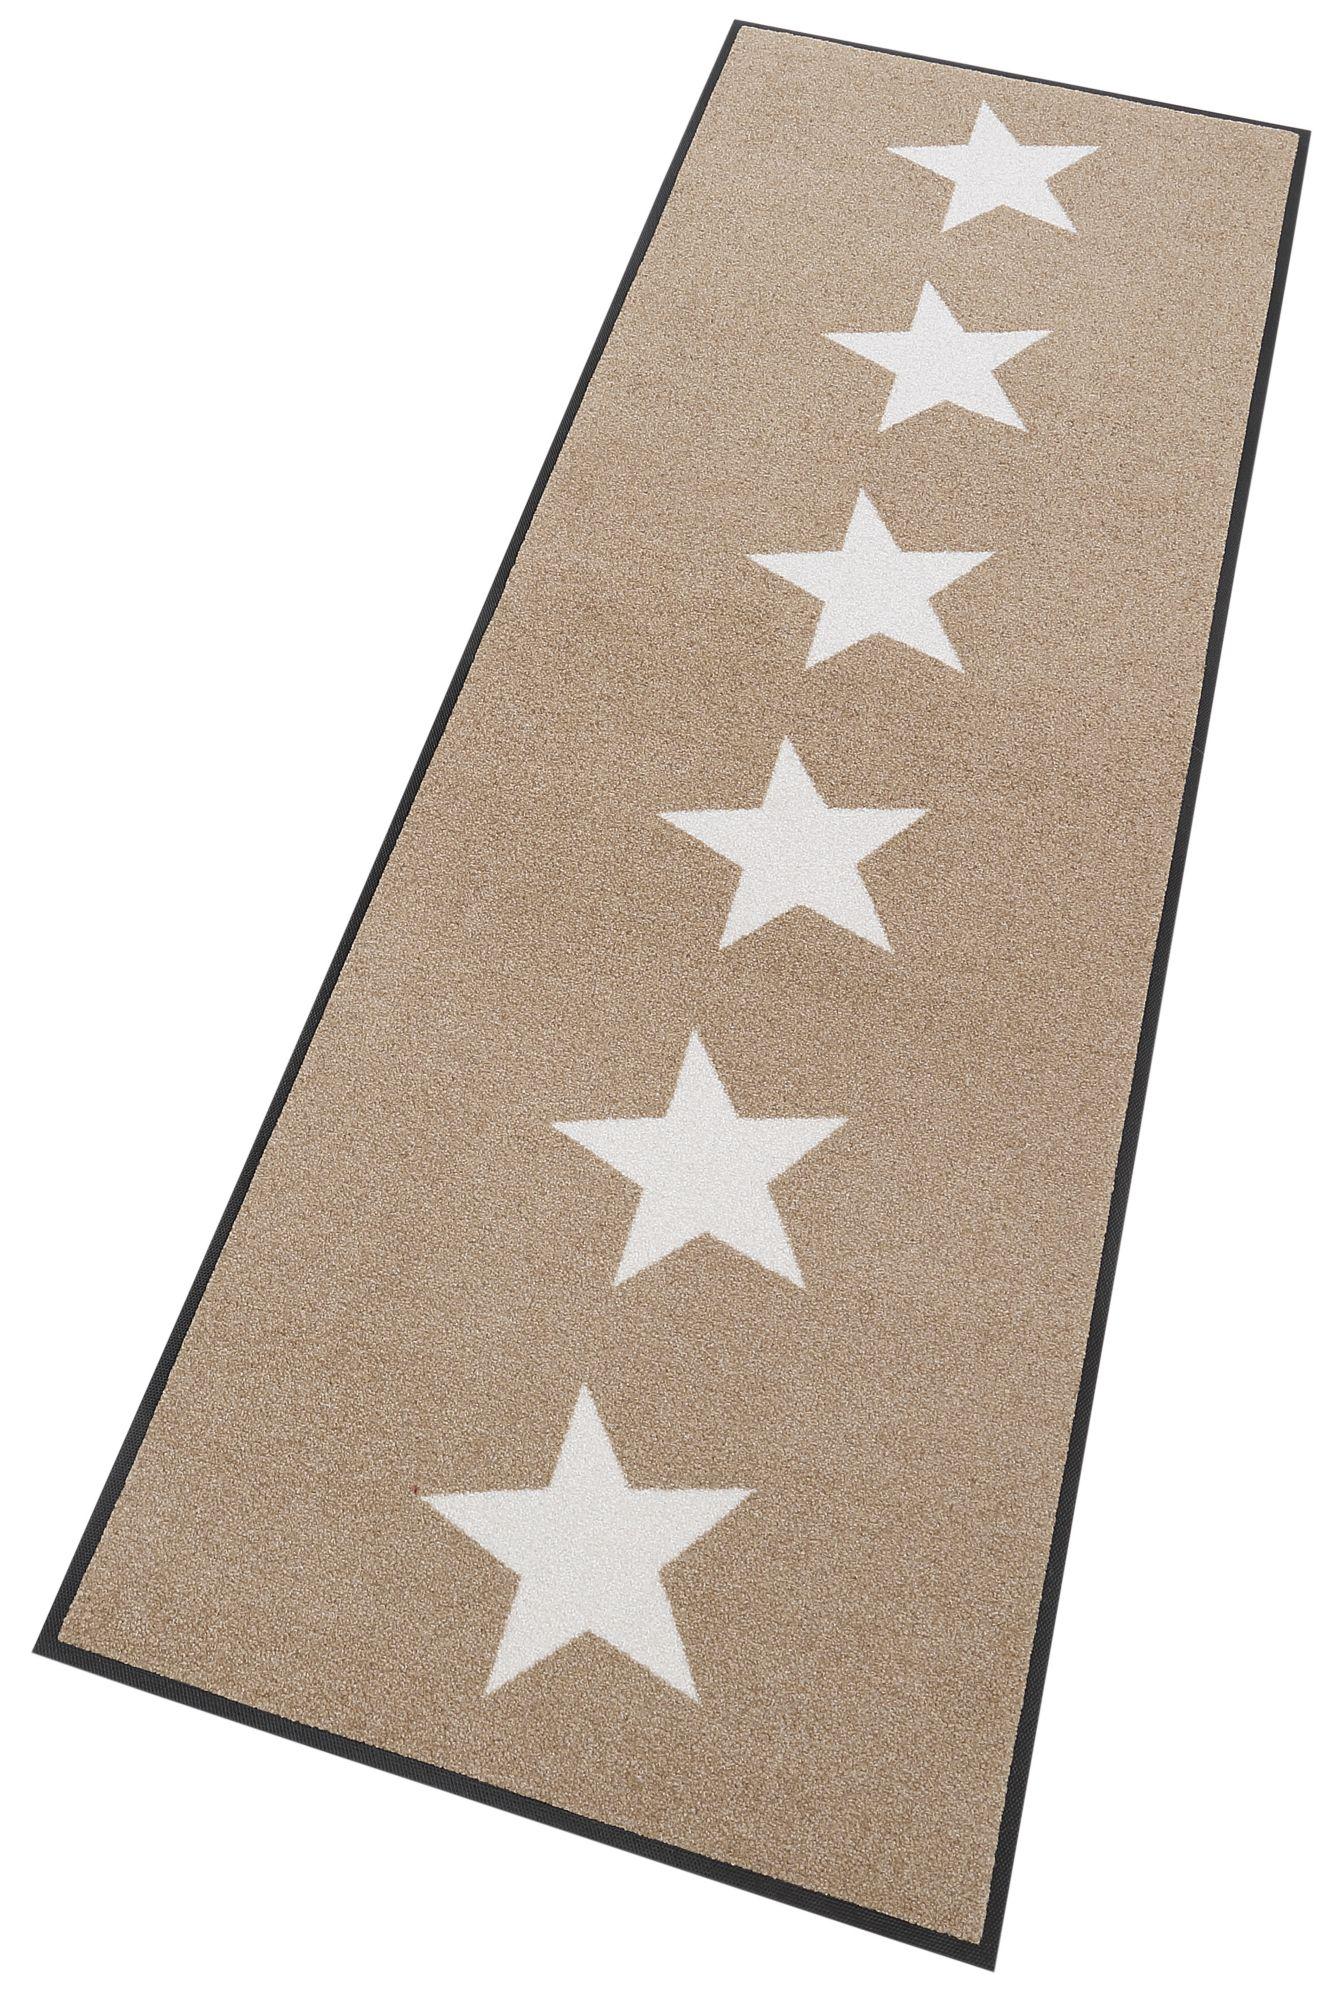 Läufer, »Stars«, wash+dry by Kleen-Tex, rechteckig, Höhe 7 mm, gedruckt